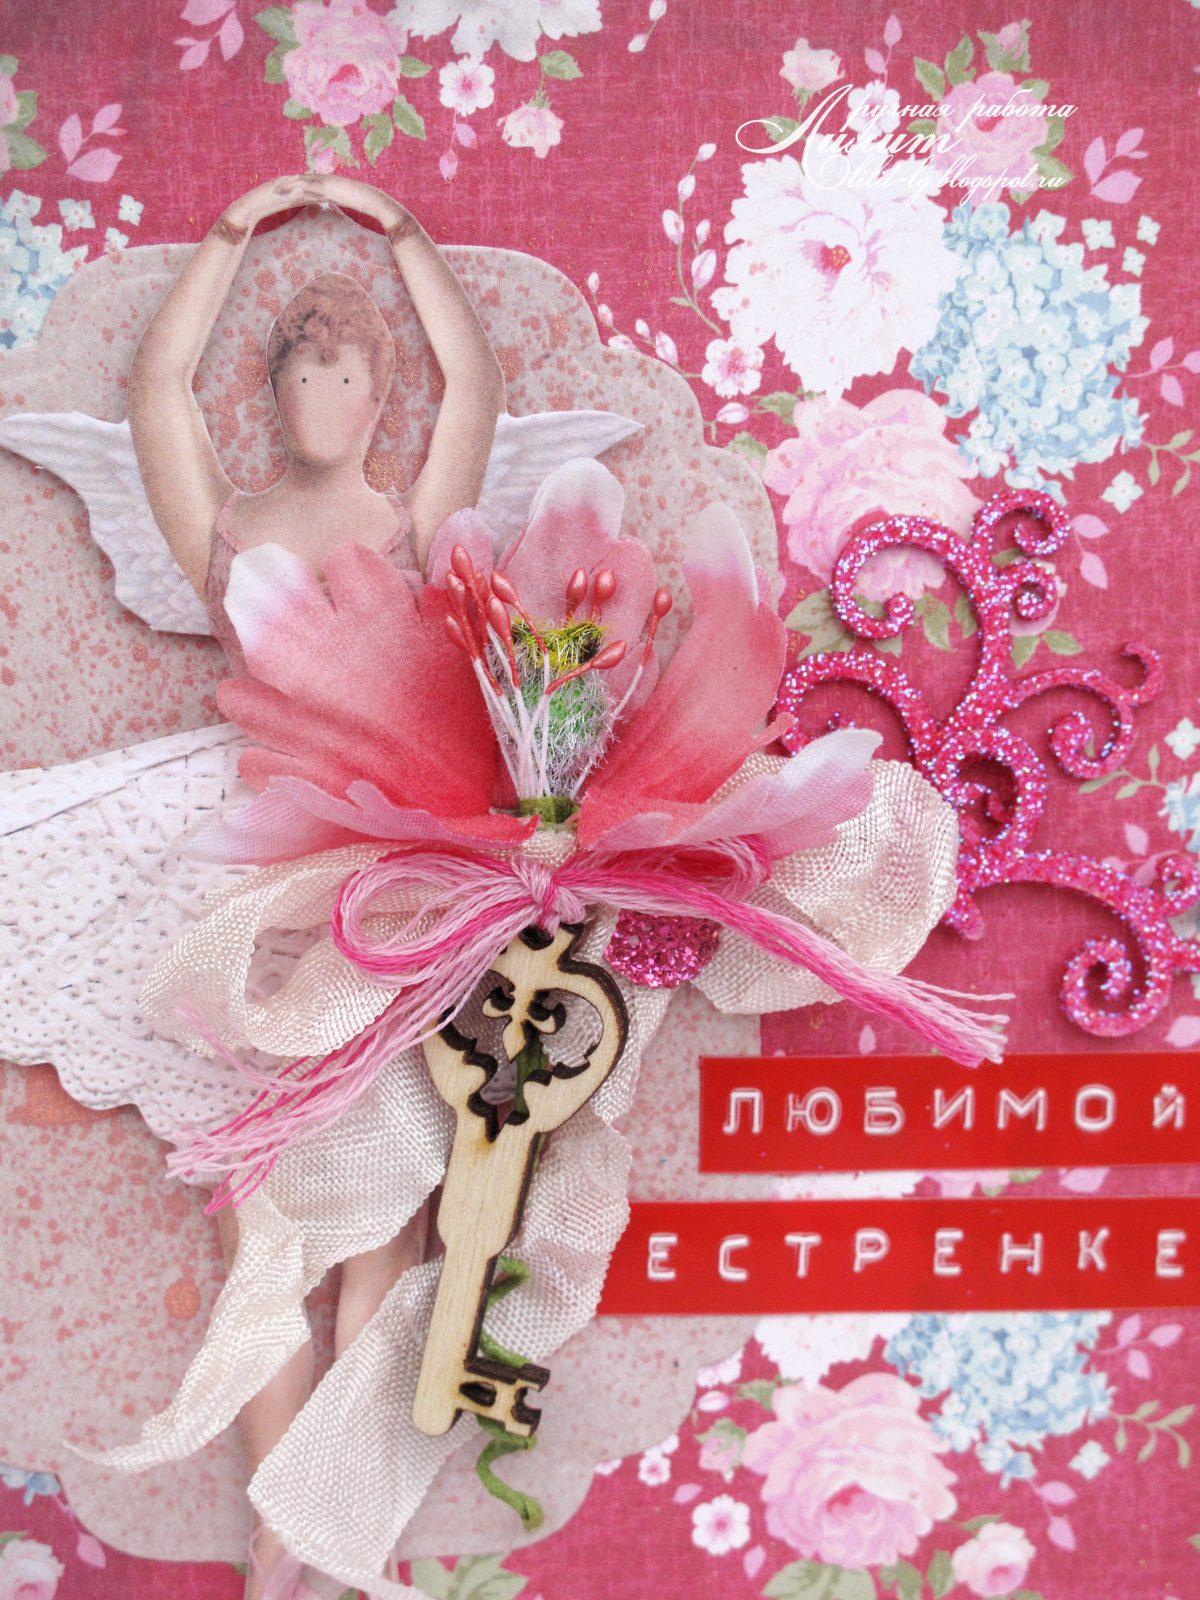 Любимой сестренке открытки цветы